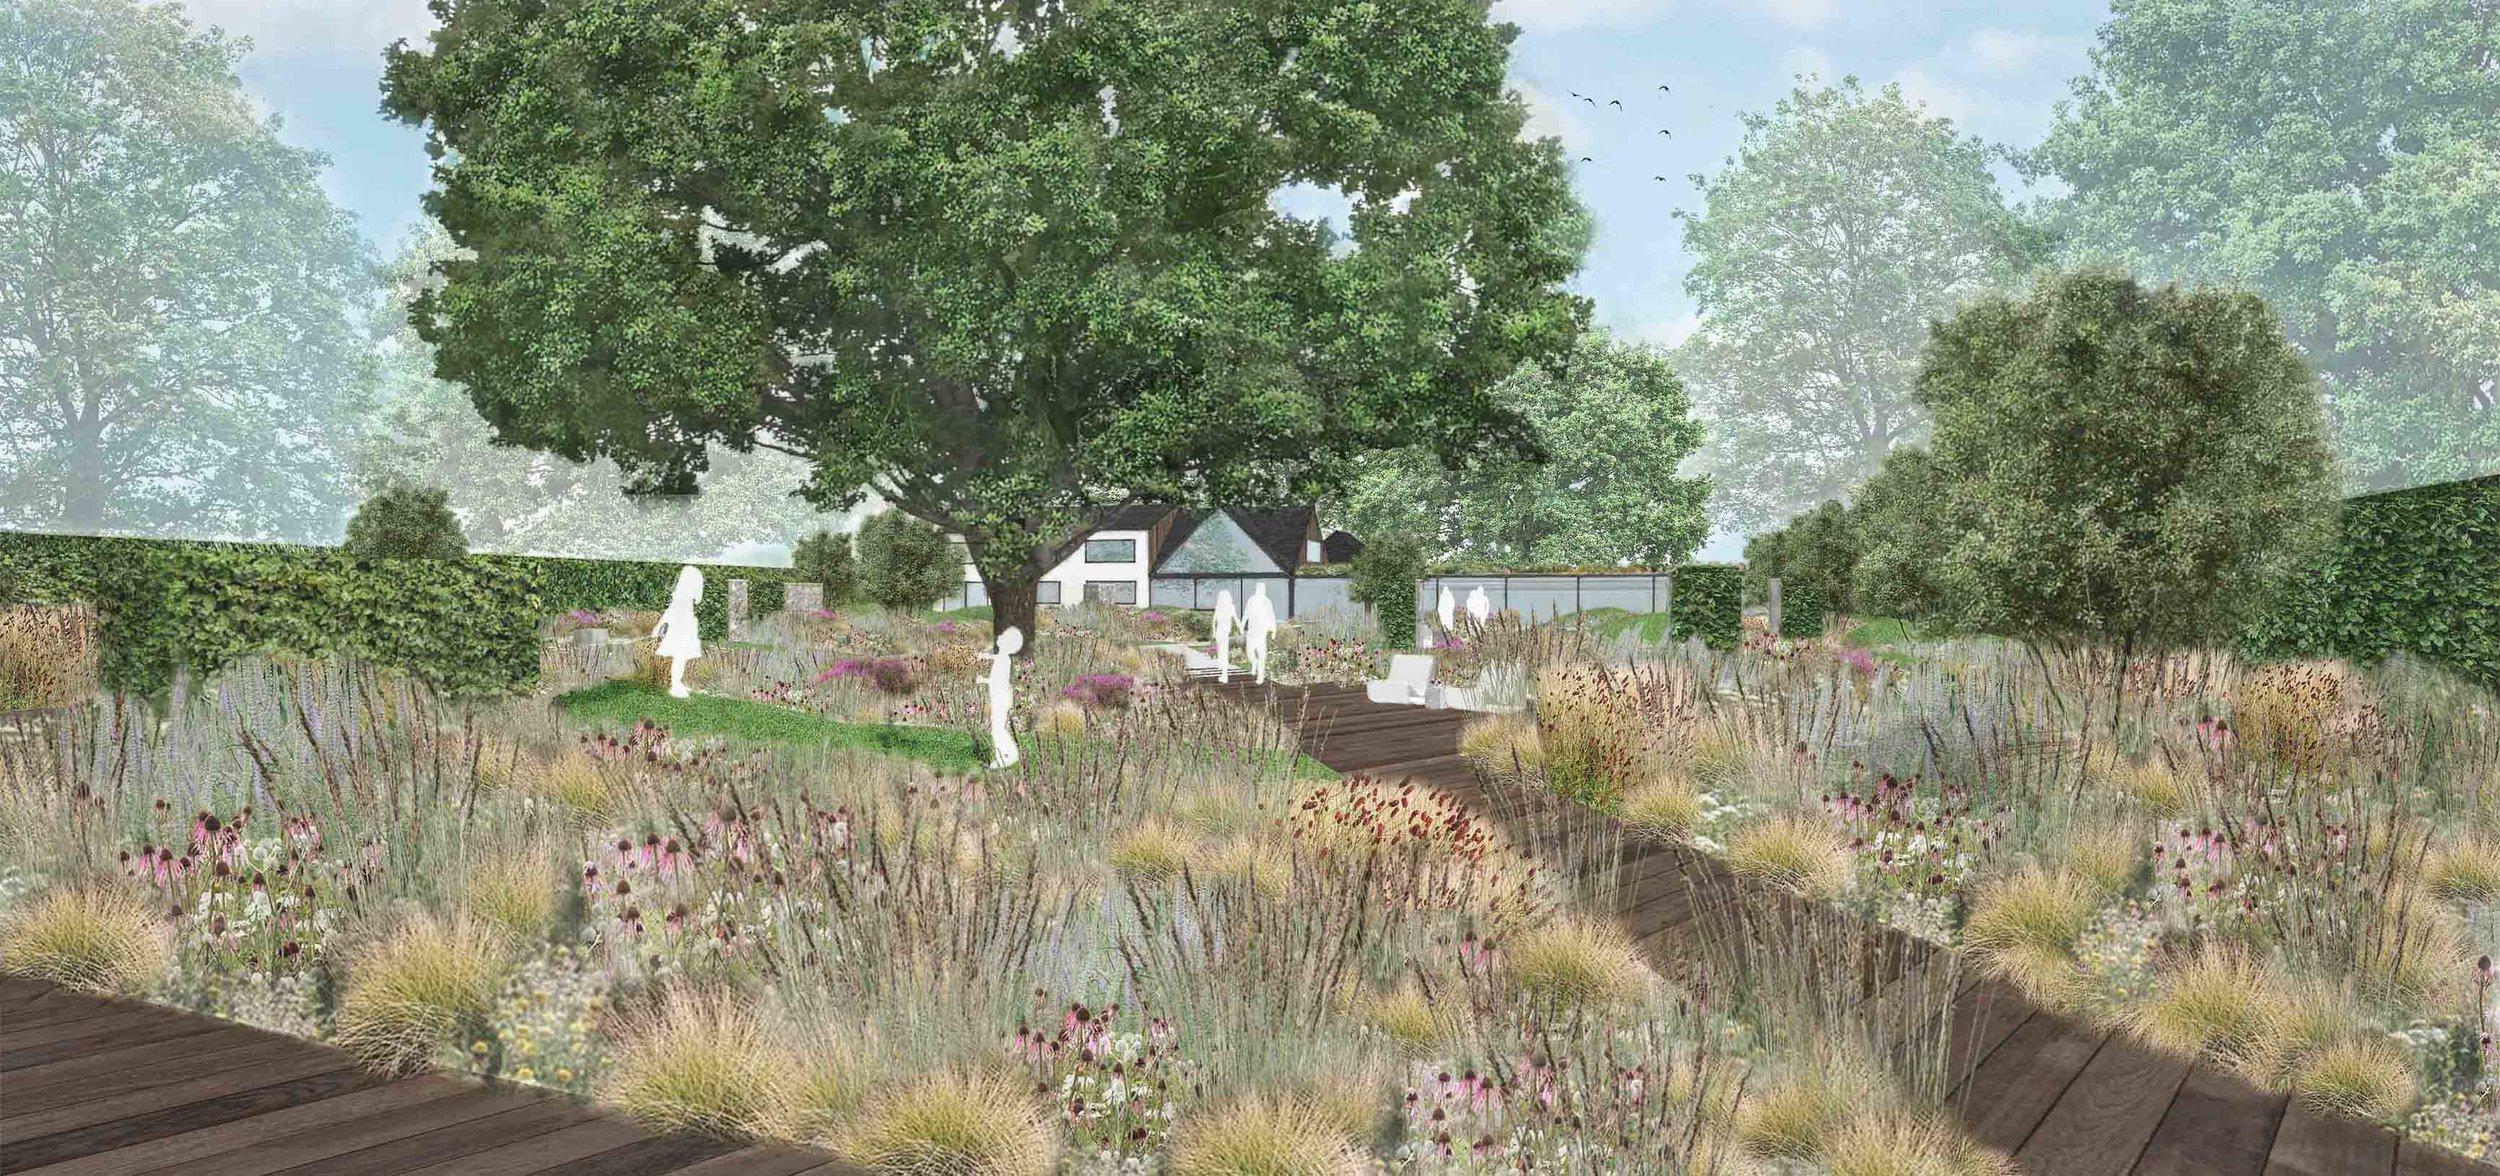 contemporary family garden ornamental meadow oak tree.jpg